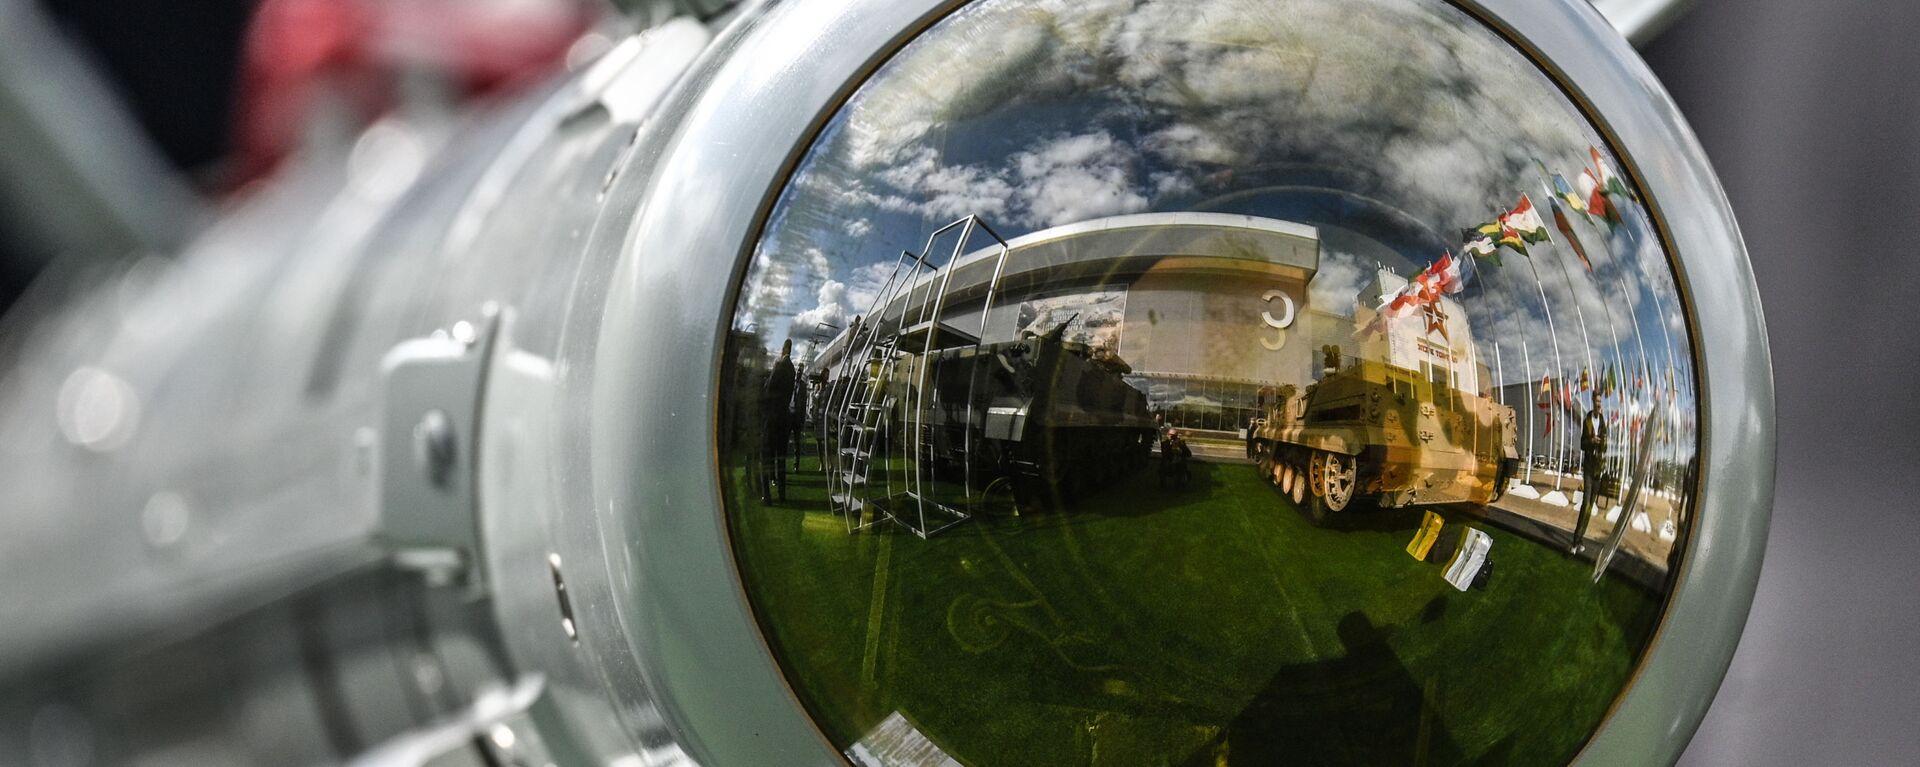 Tên lửa dẫn đường đa năng hạng nhẹ 305E trưng bày của Diễn đàn Quốc tế ARMY-2021 - Sputnik Việt Nam, 1920, 05.09.2021